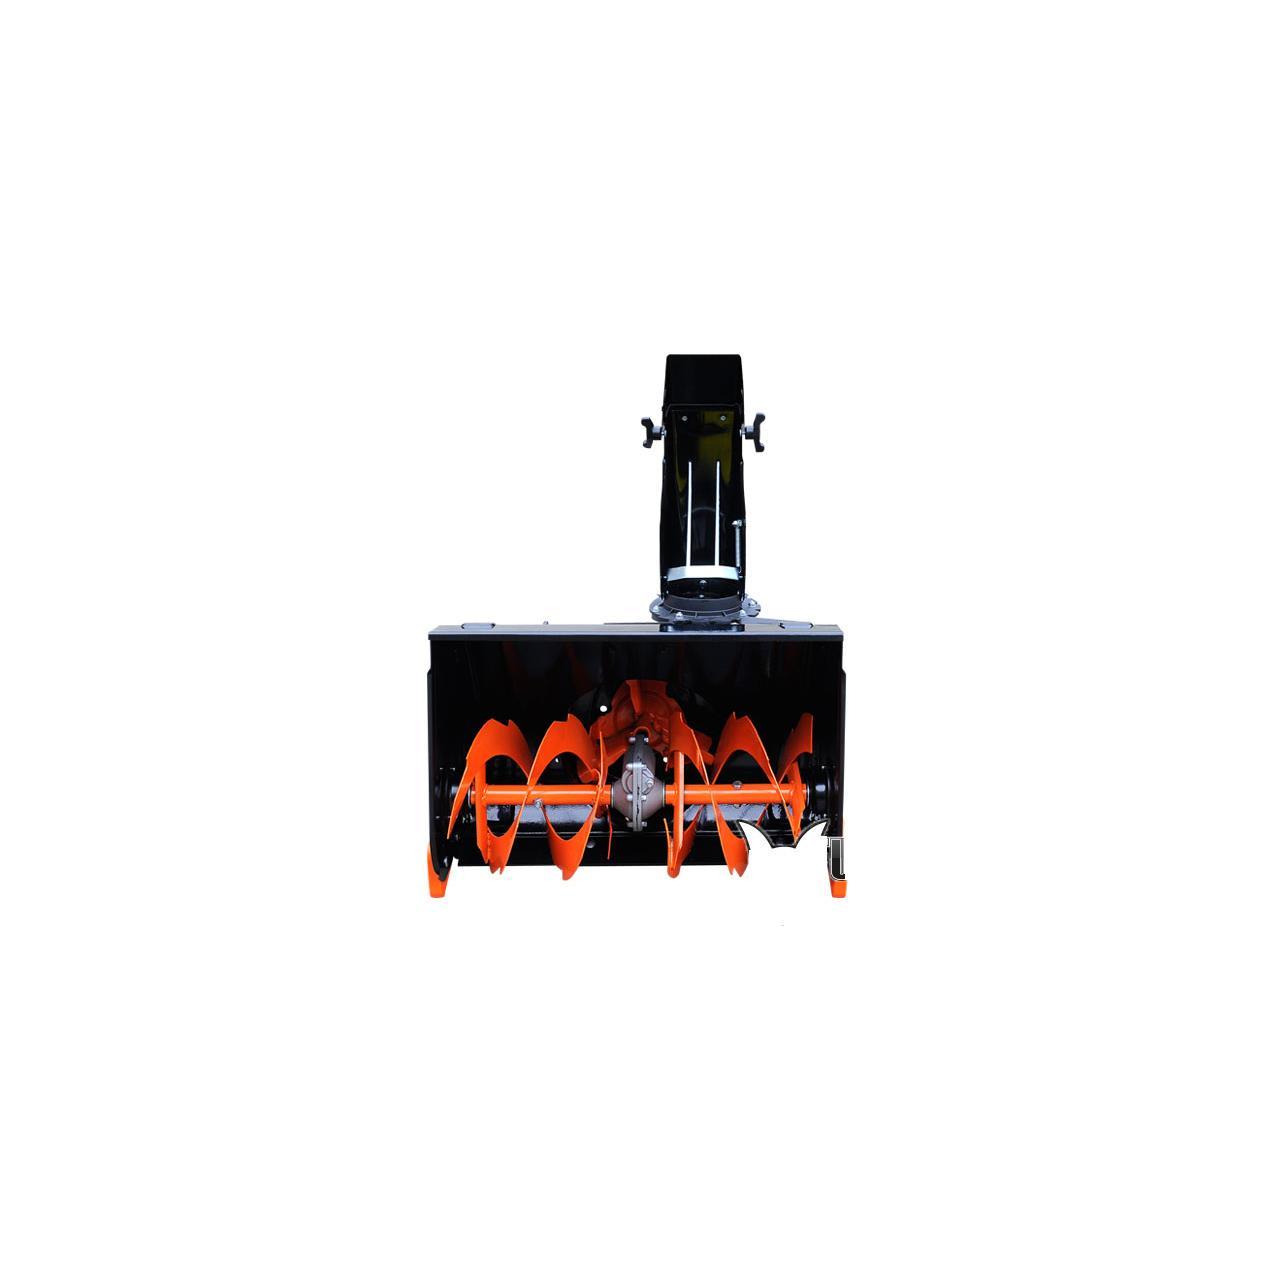 FUXTEC Schneefräsenaufsatz FX-KMF163 für Kehrmaschine